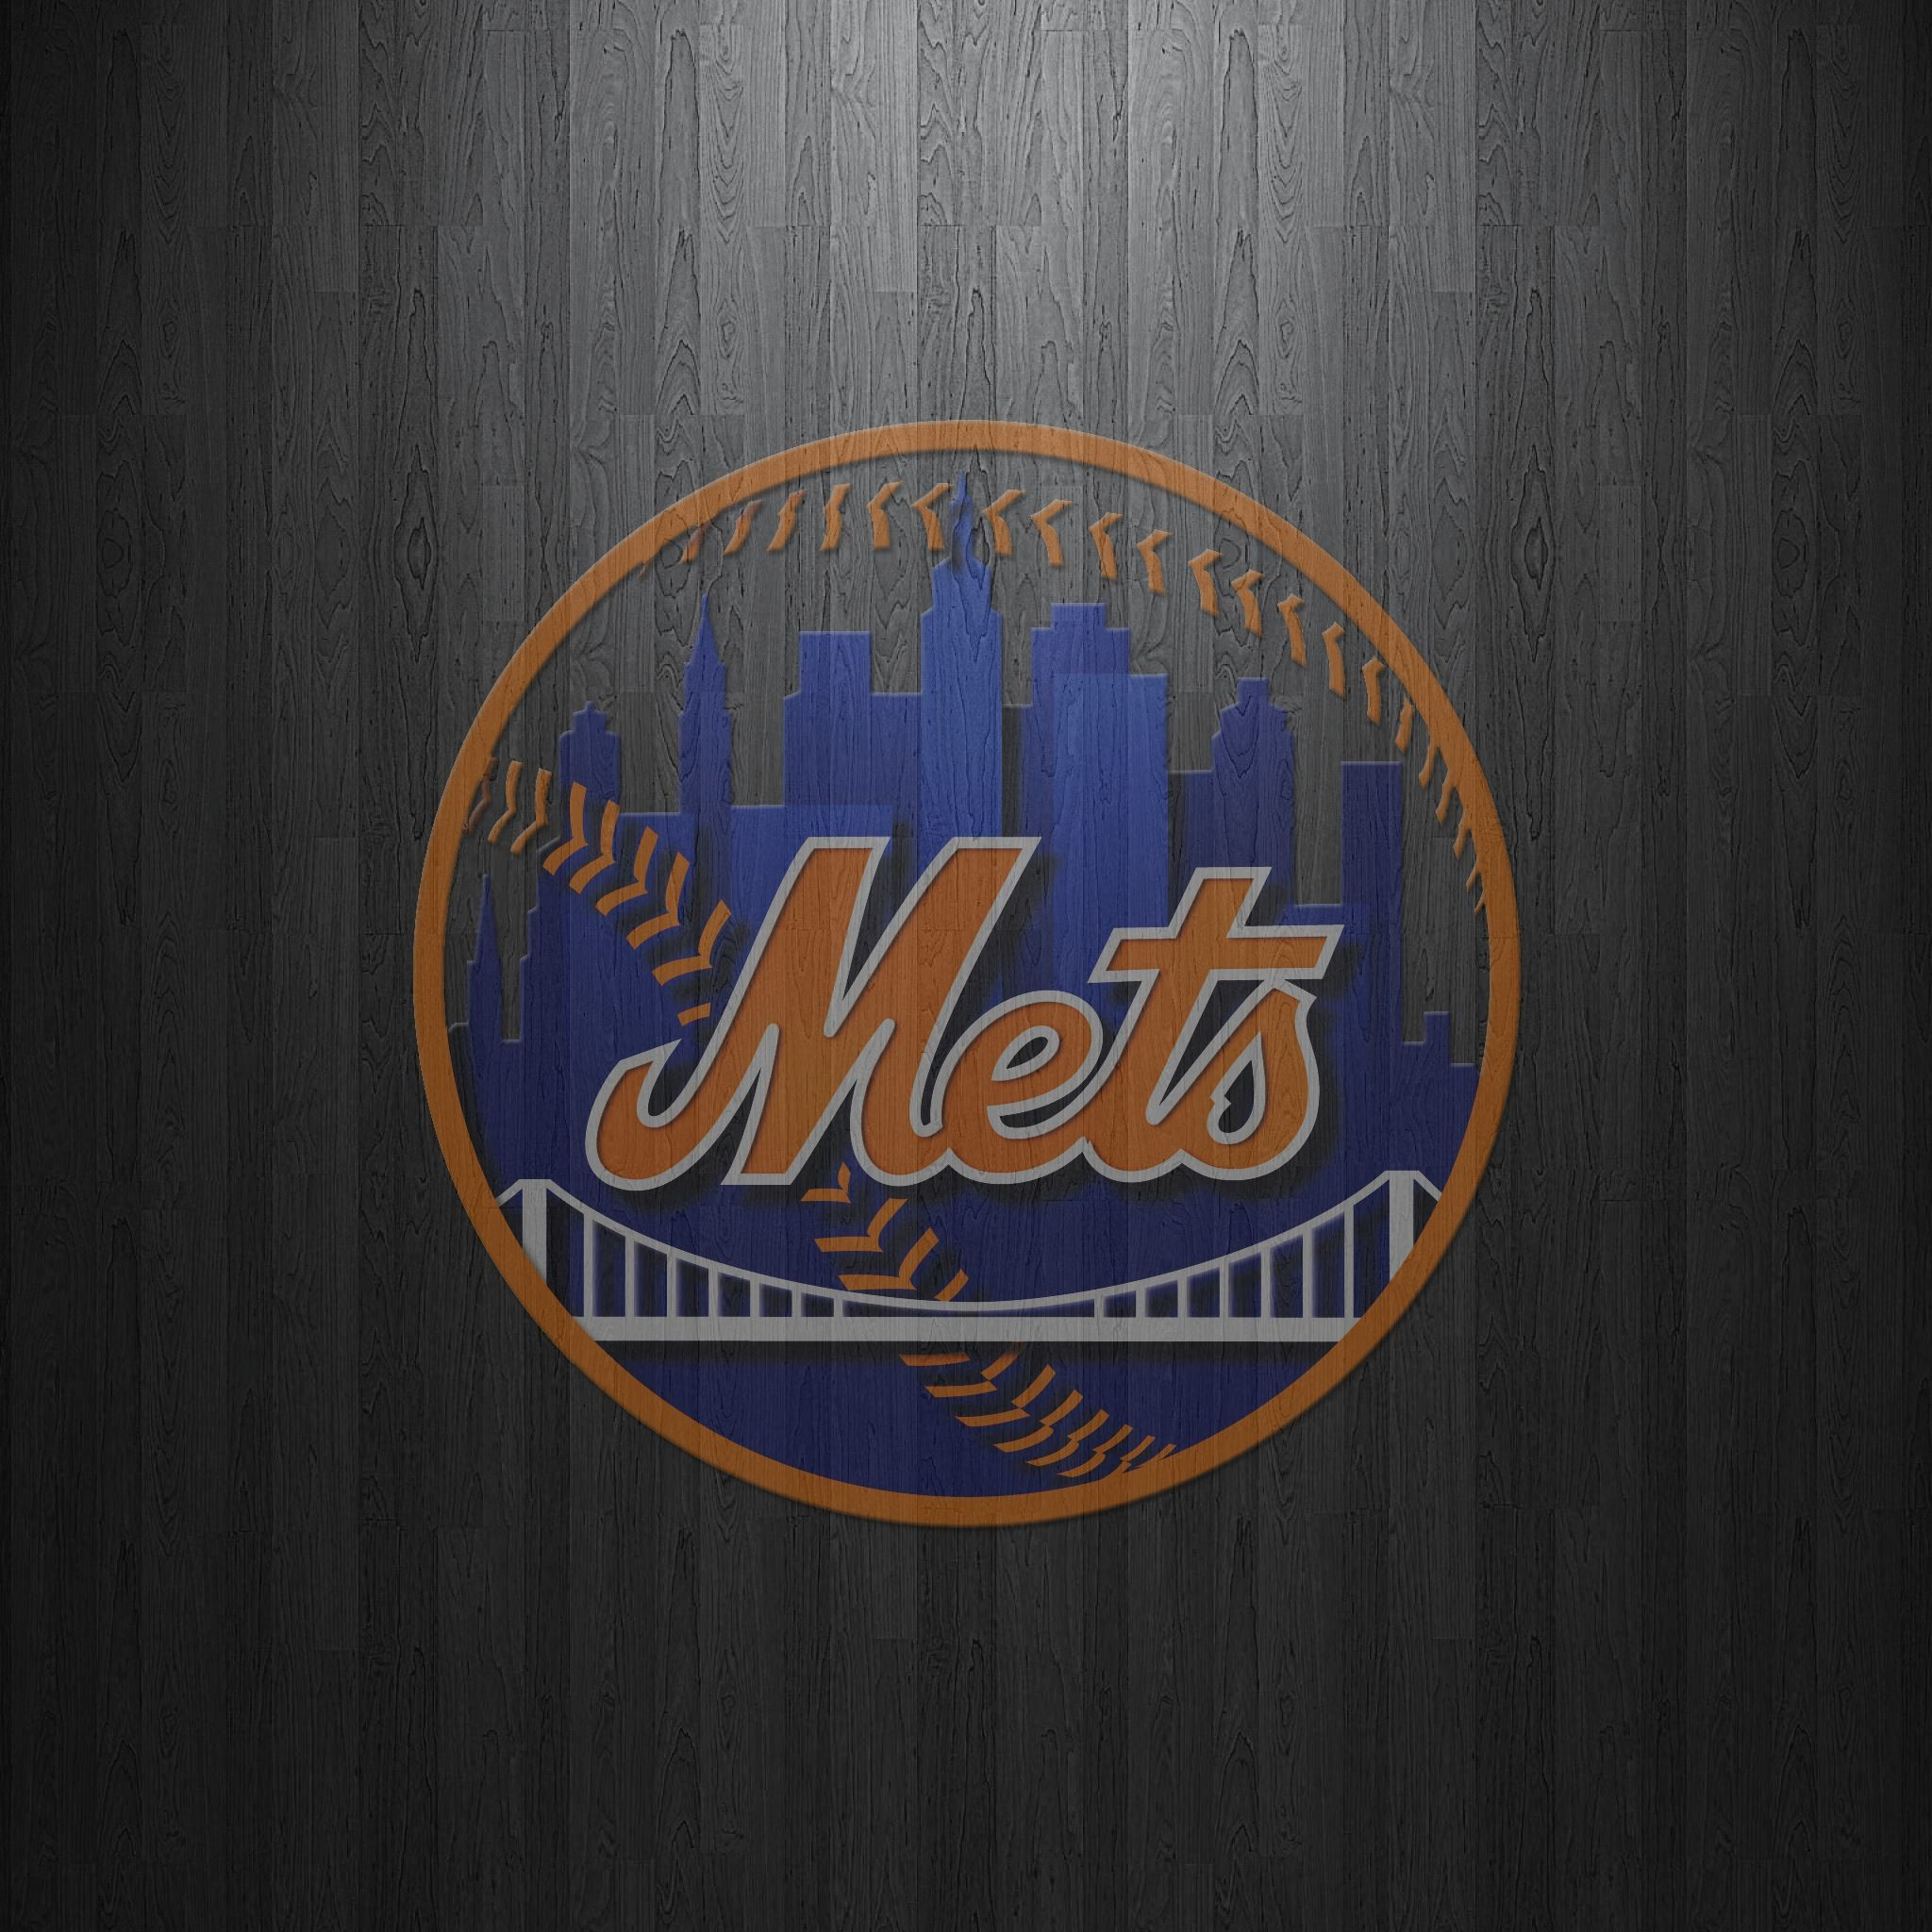 Desktop Wallpaper New: NY Mets Wallpaper Mlb (69+ Images